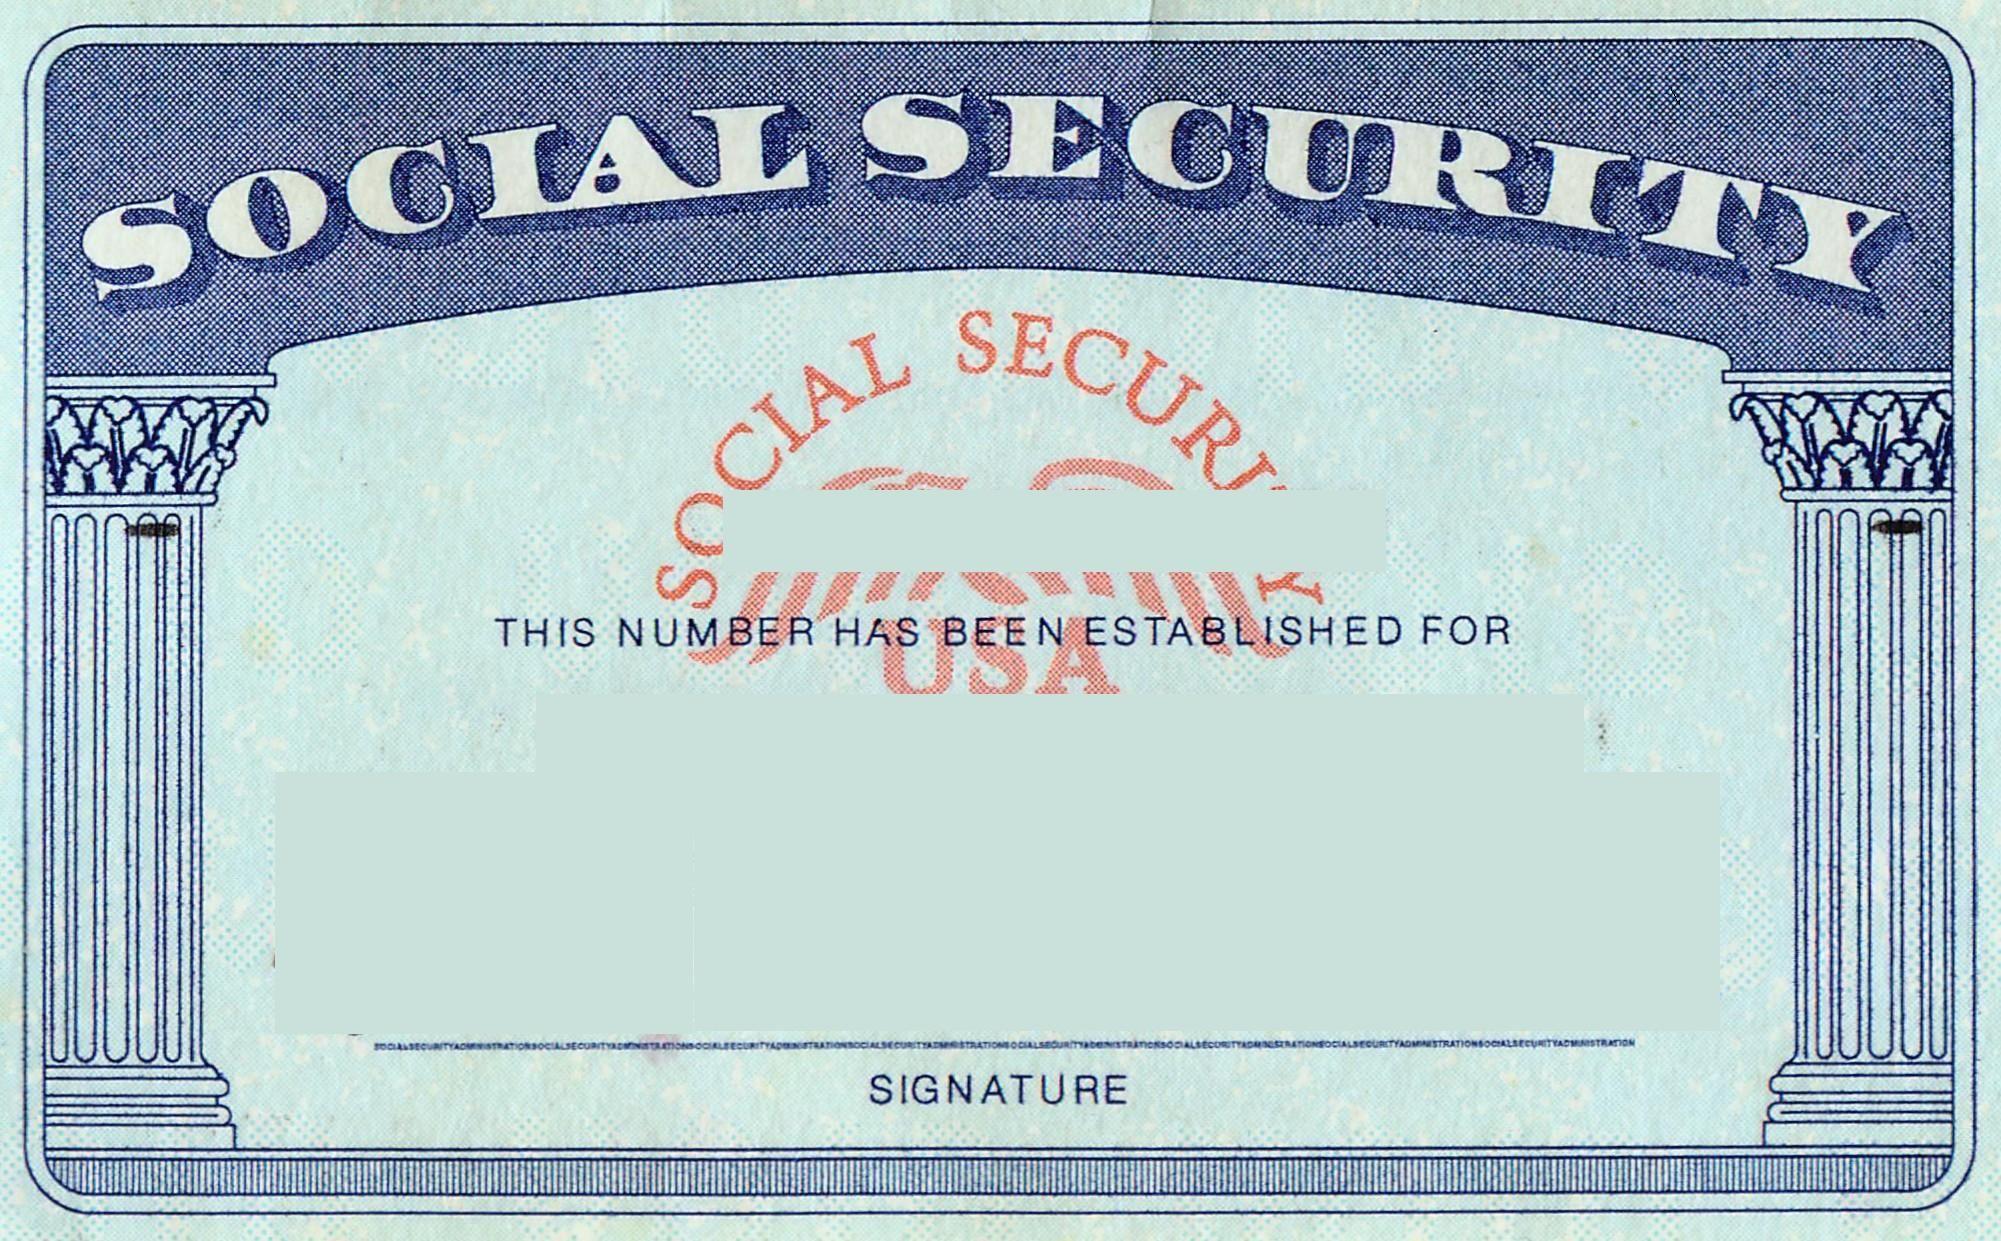 blank social security card template | Social Security card Print